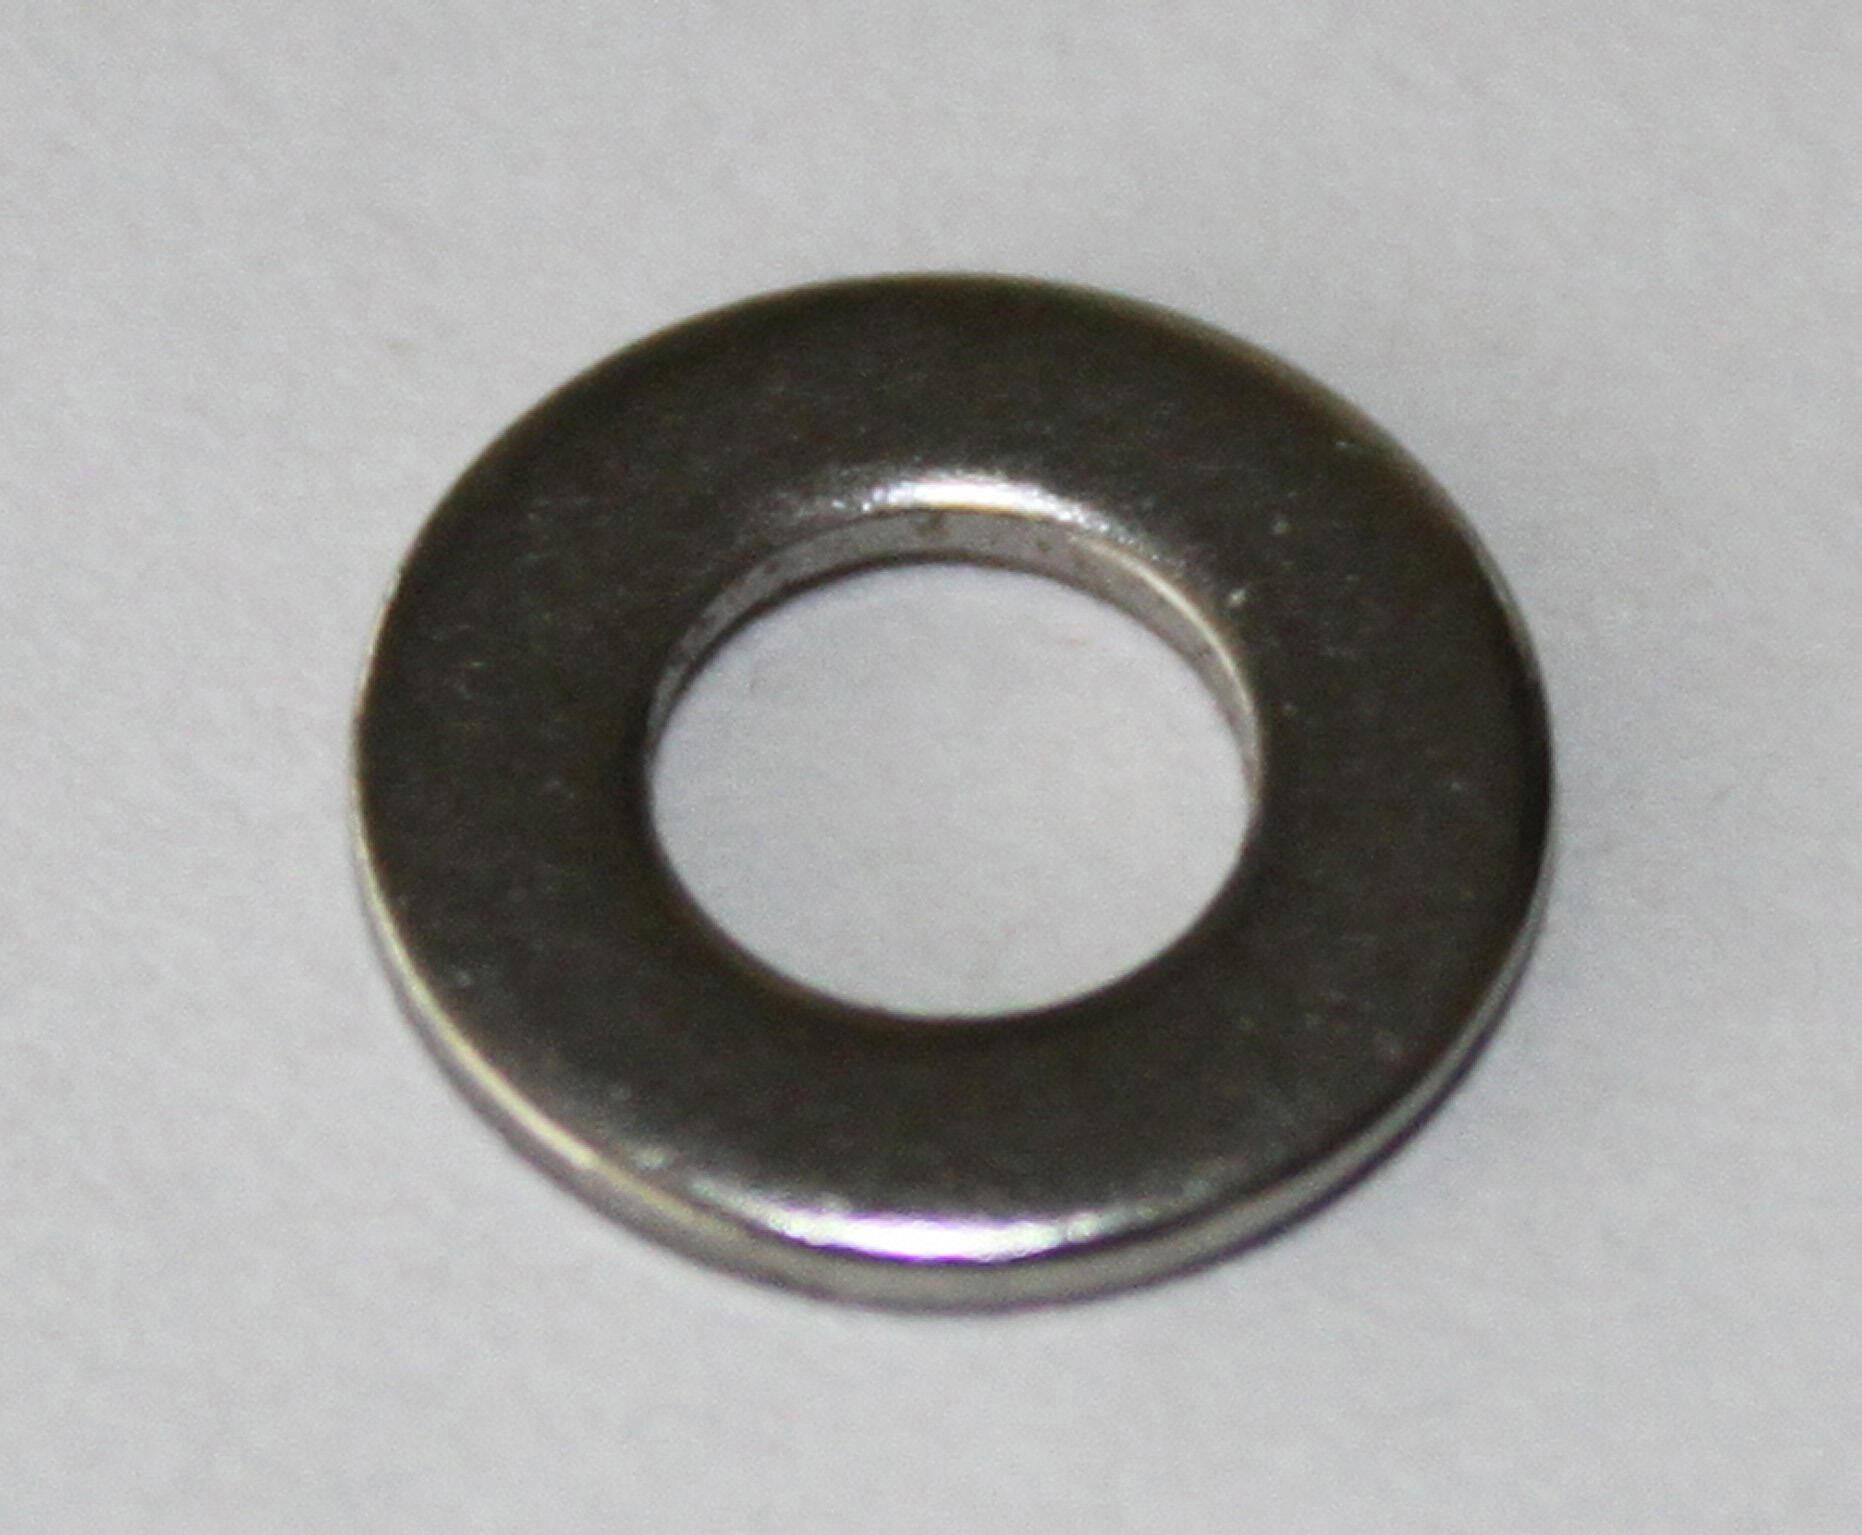 Rondella piana strettaSTANDERS Ø 10 - 21 mm, 8 pezzi - 2